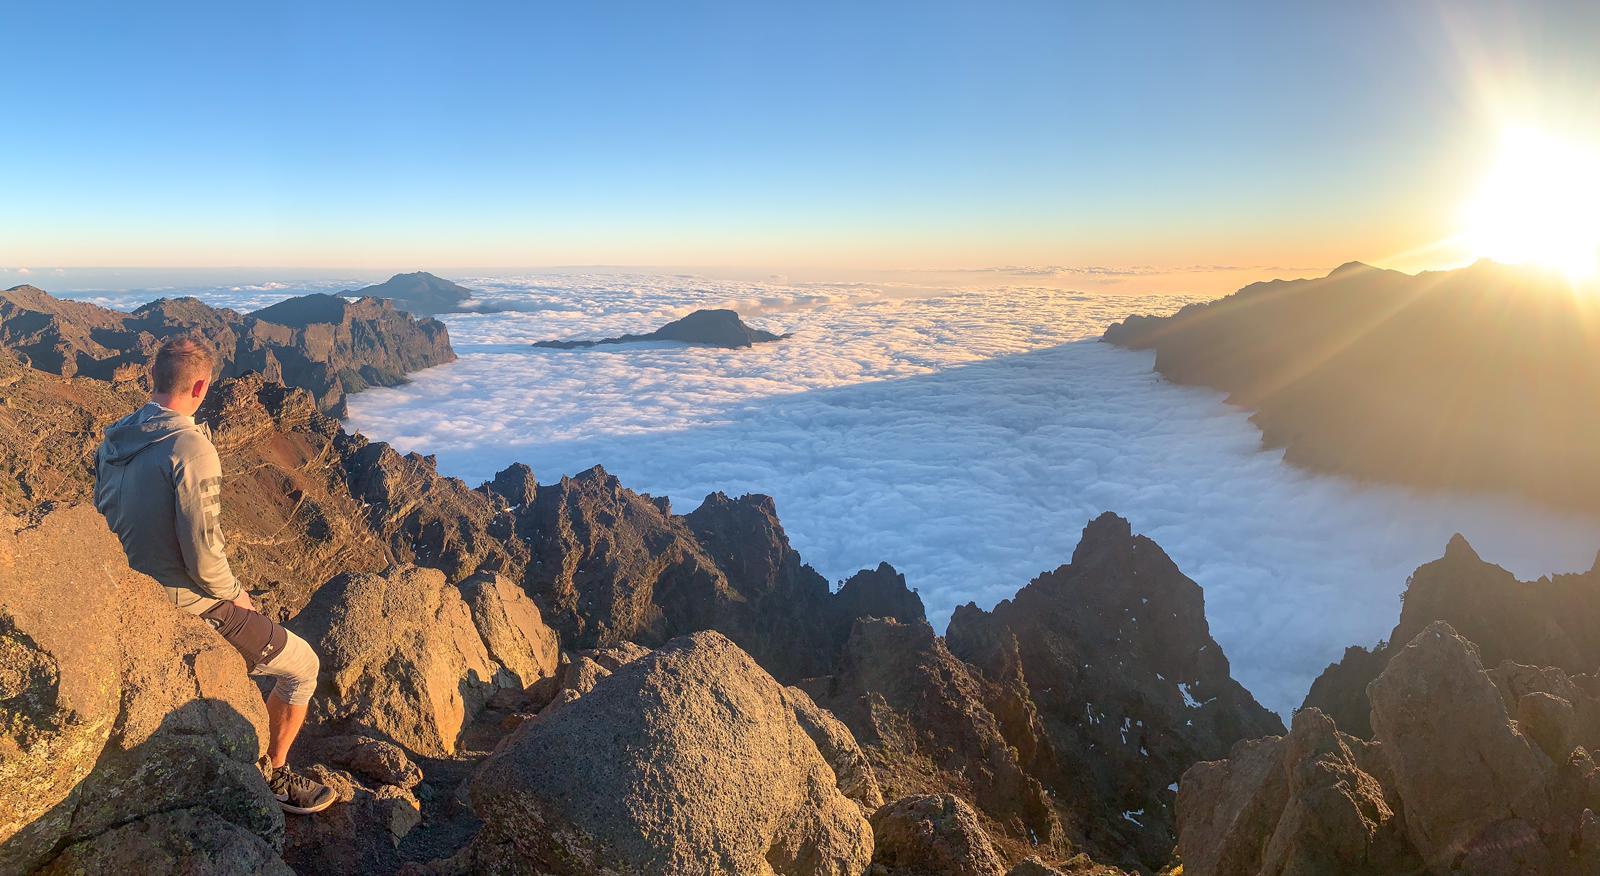 la puesta de sol y el mar de nubes